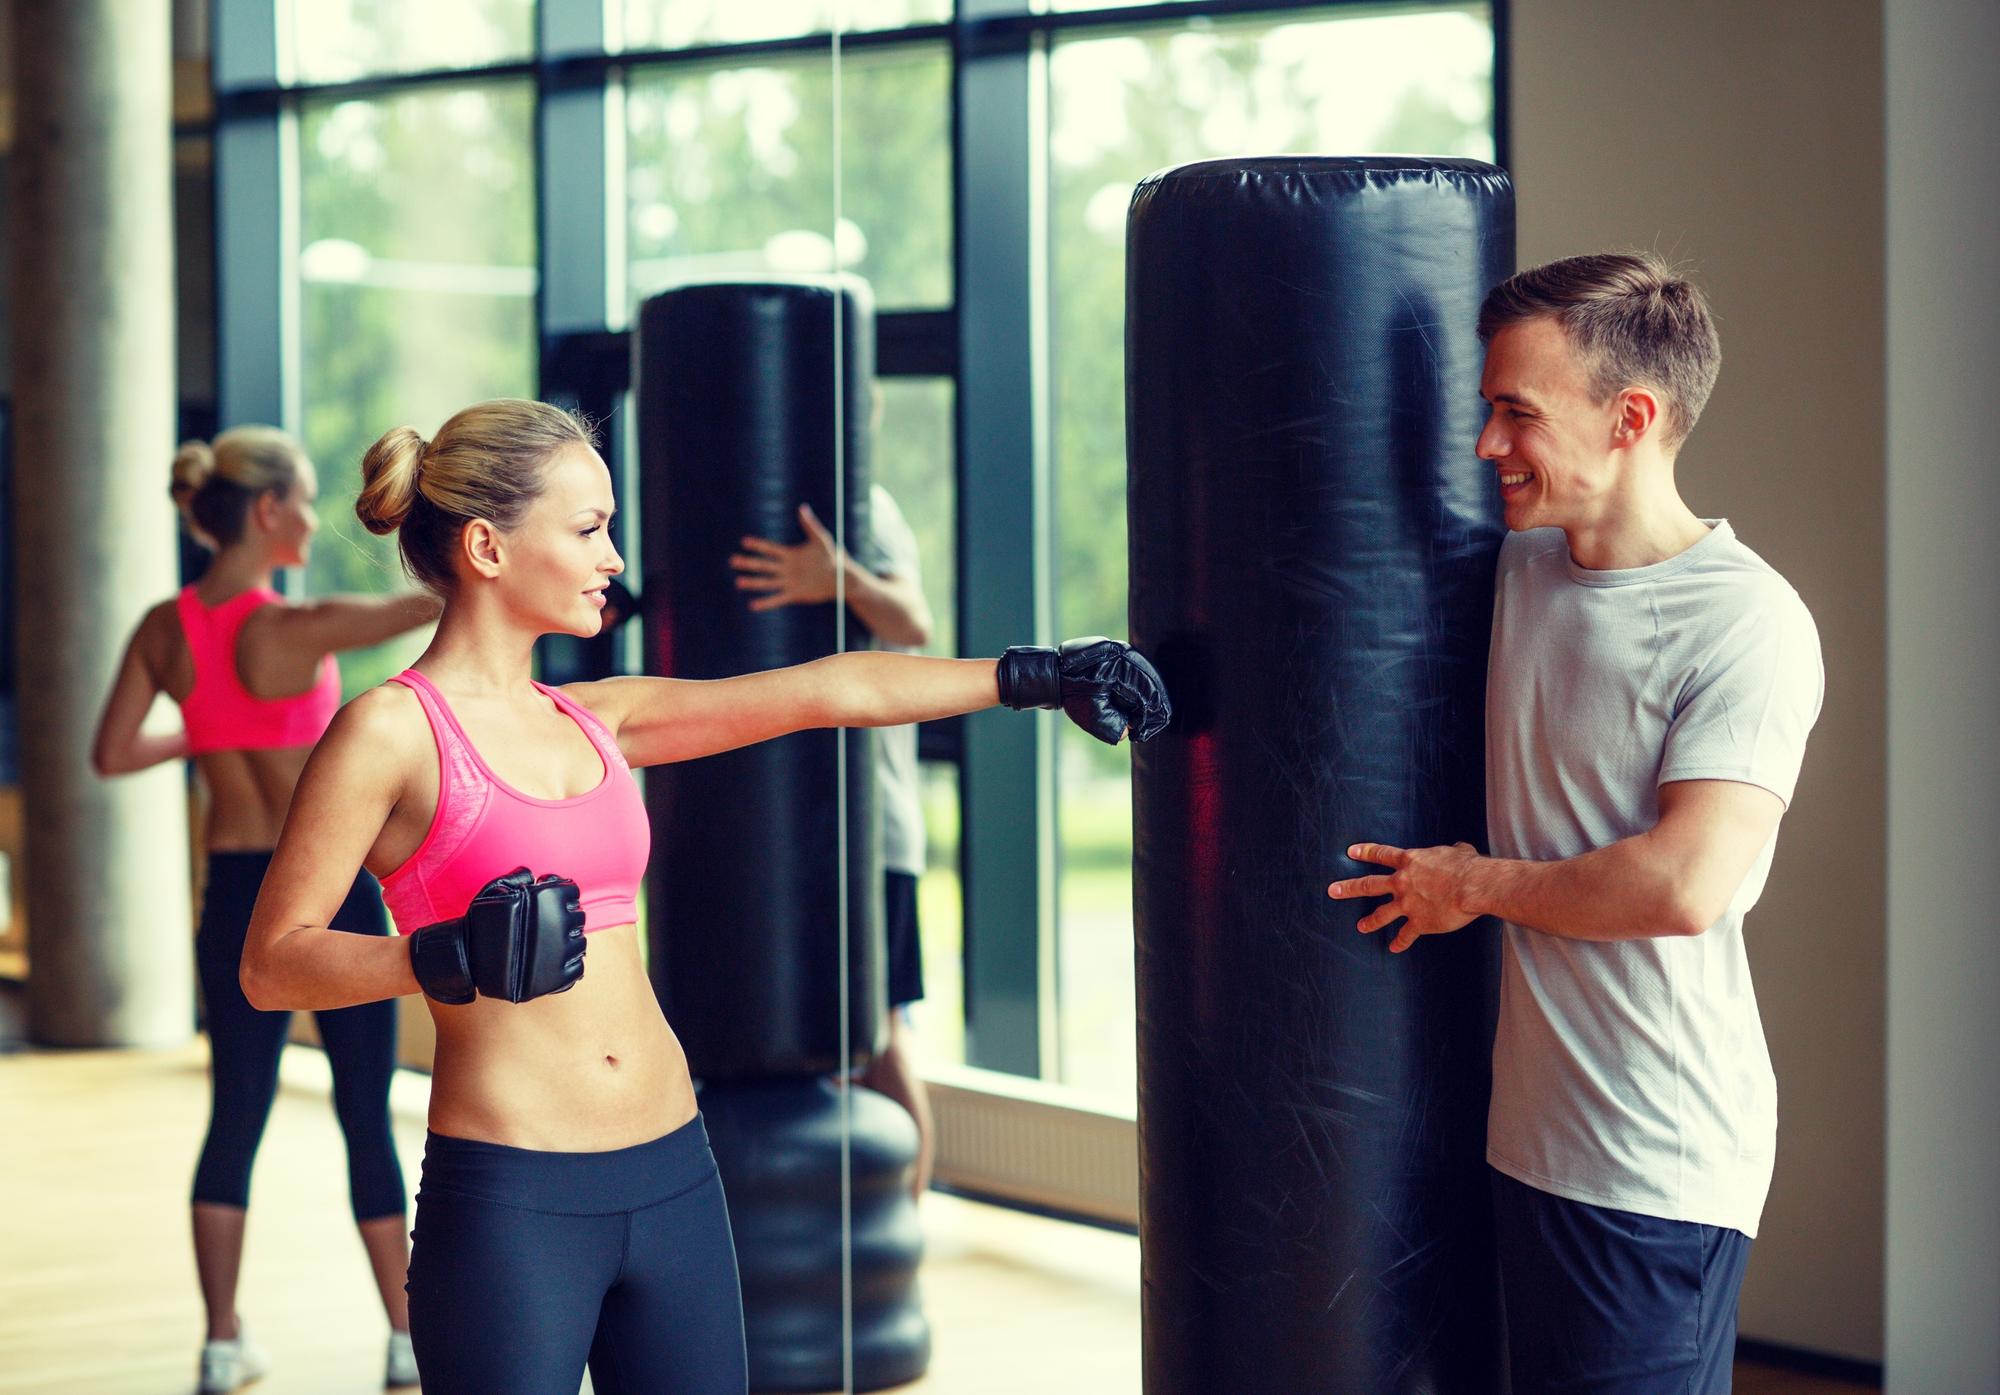 ボクシングを体験する際の注意点